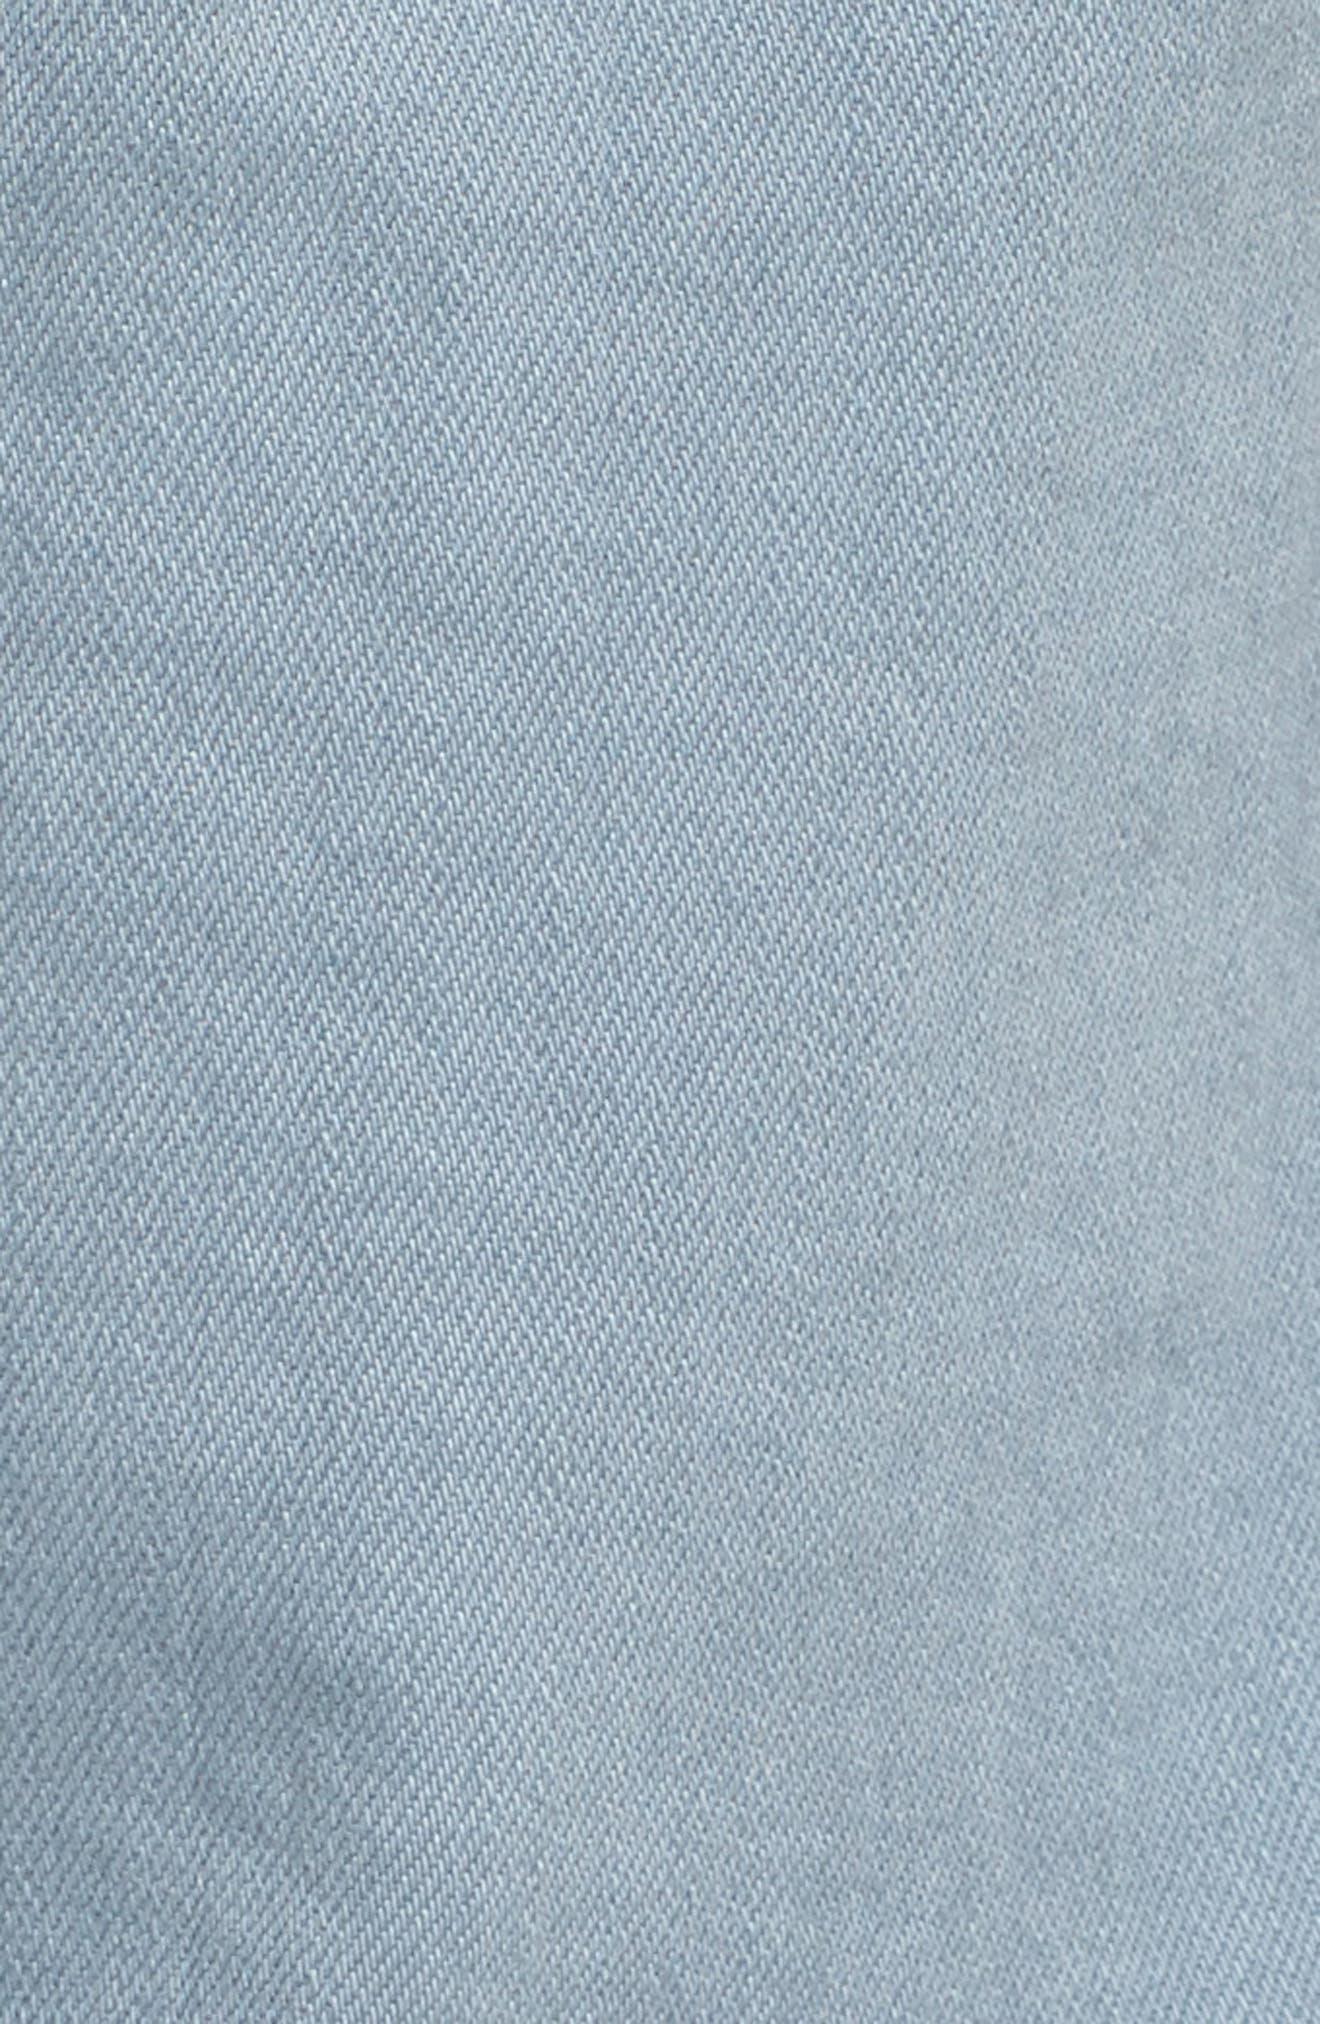 Tellis Slim Fit Jeans,                             Alternate thumbnail 5, color,                             7 Years Ocean Mist